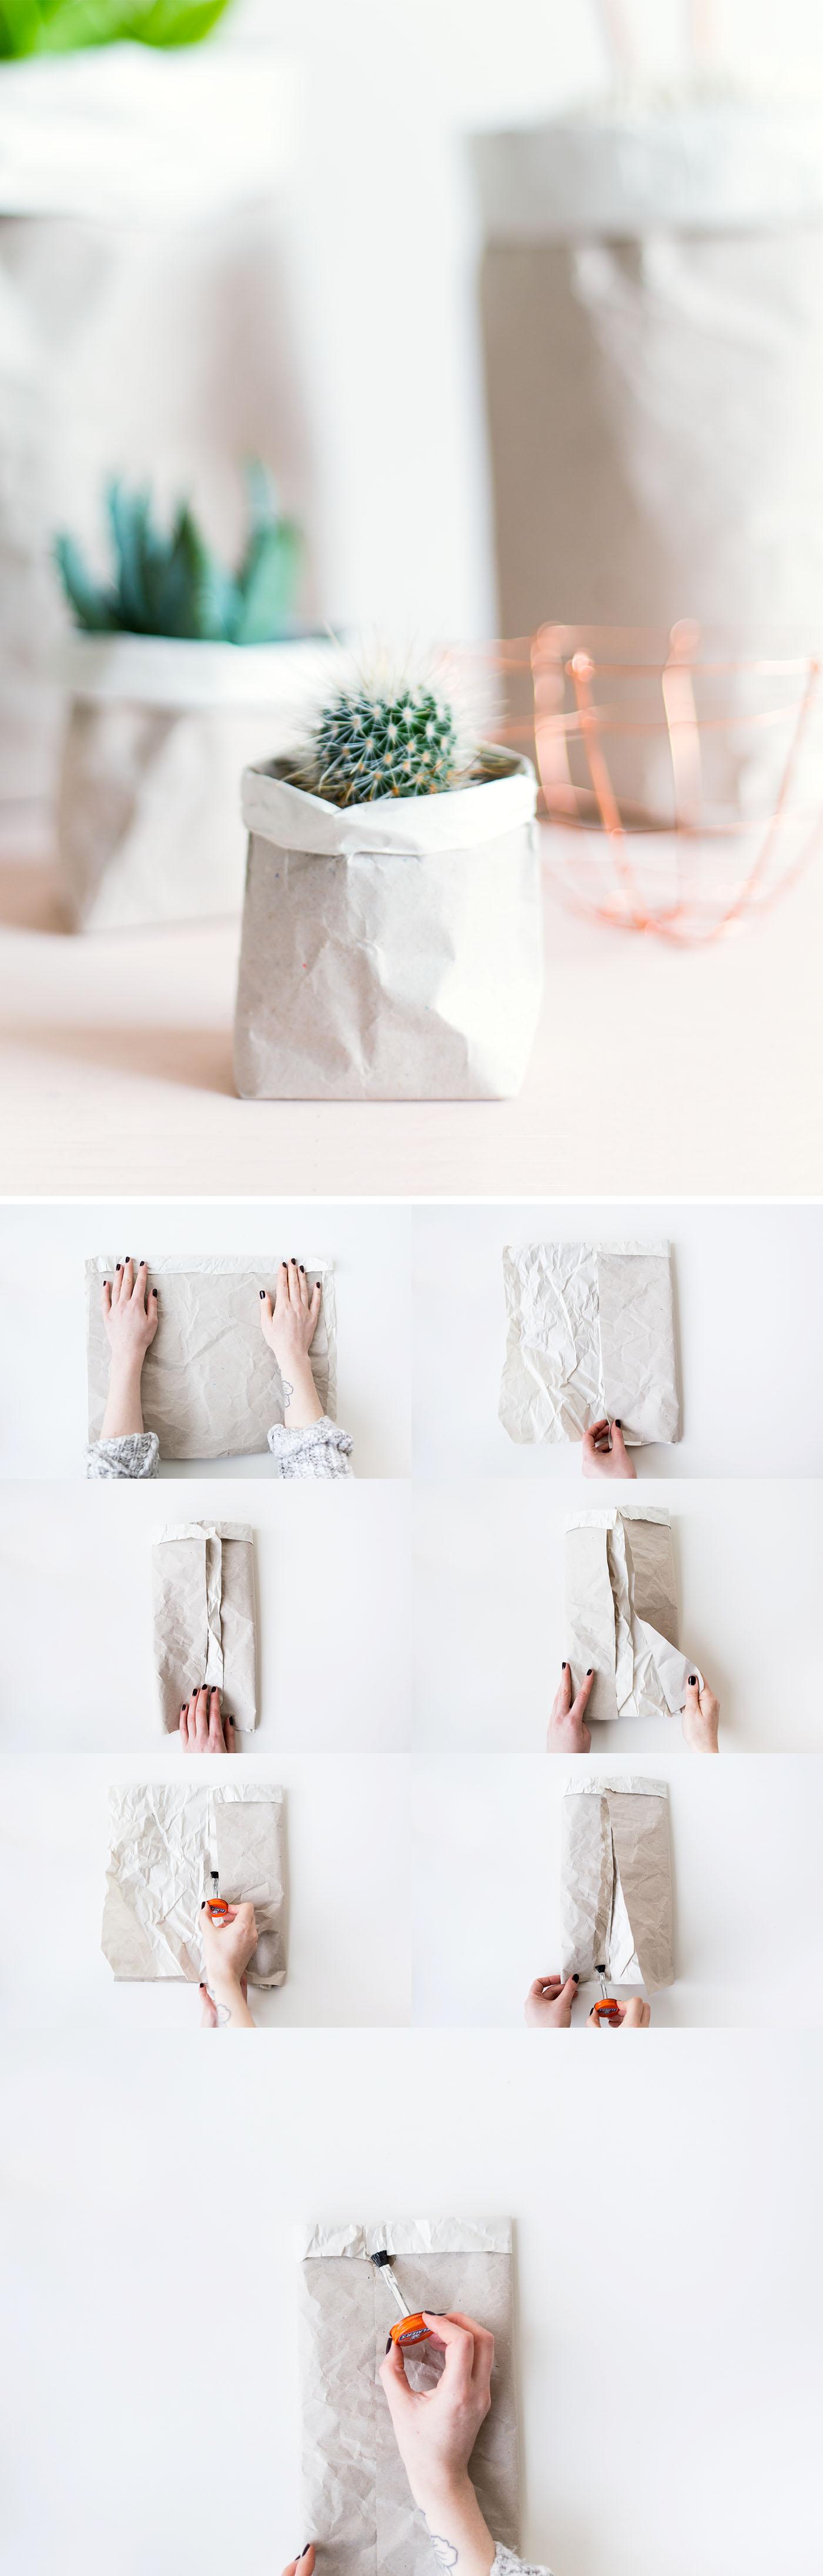 DIY Packing Paper Sack Planters | @fallfordiy